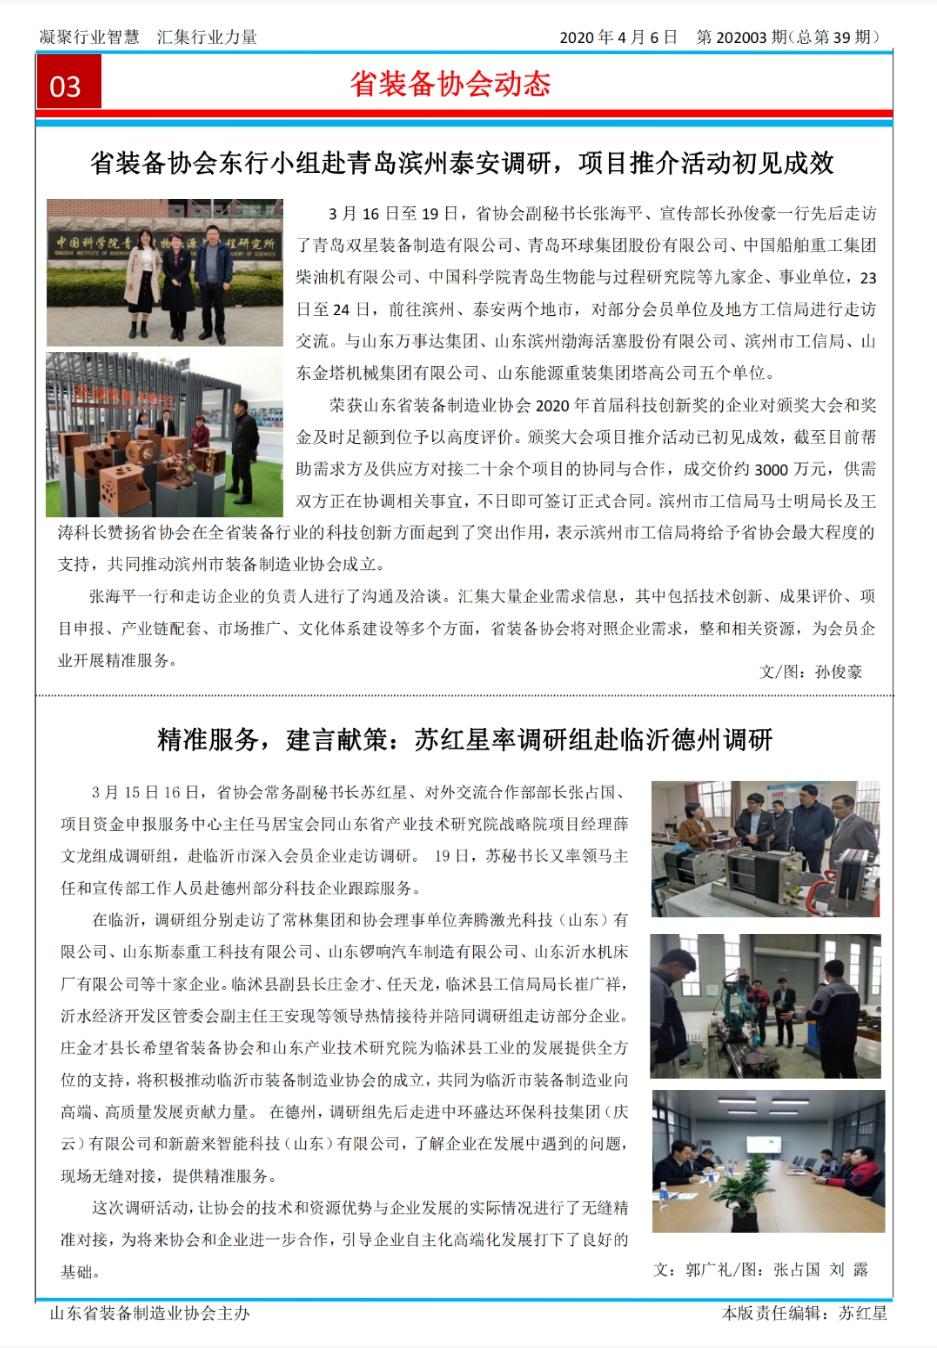 山东省装备制造业协会简报2021年第3期第3版